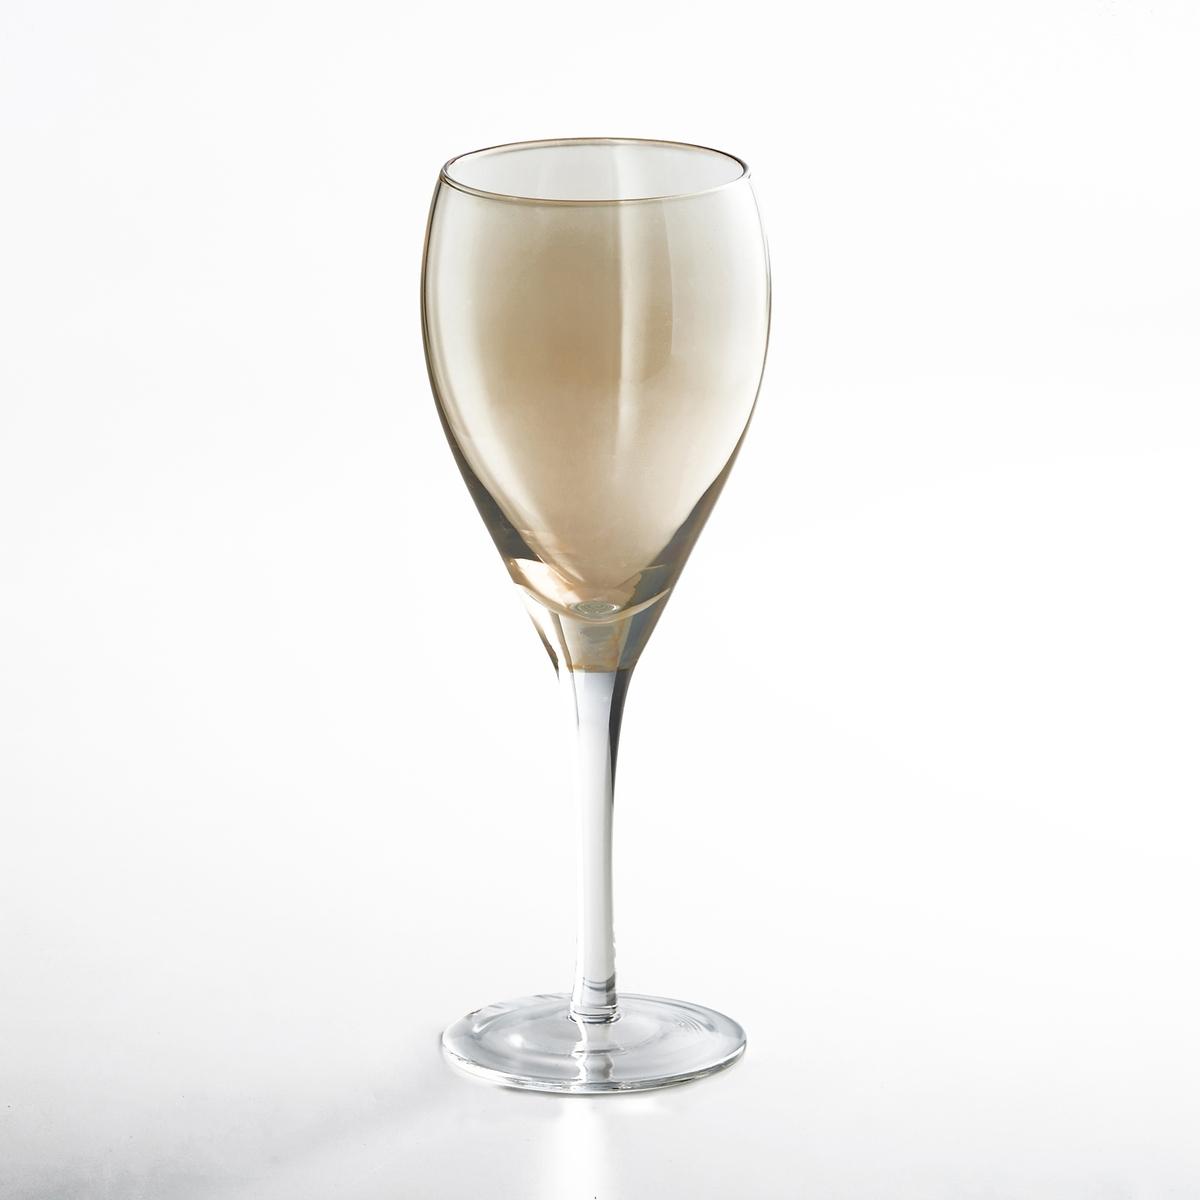 4 бокала под белое вино, Koutine